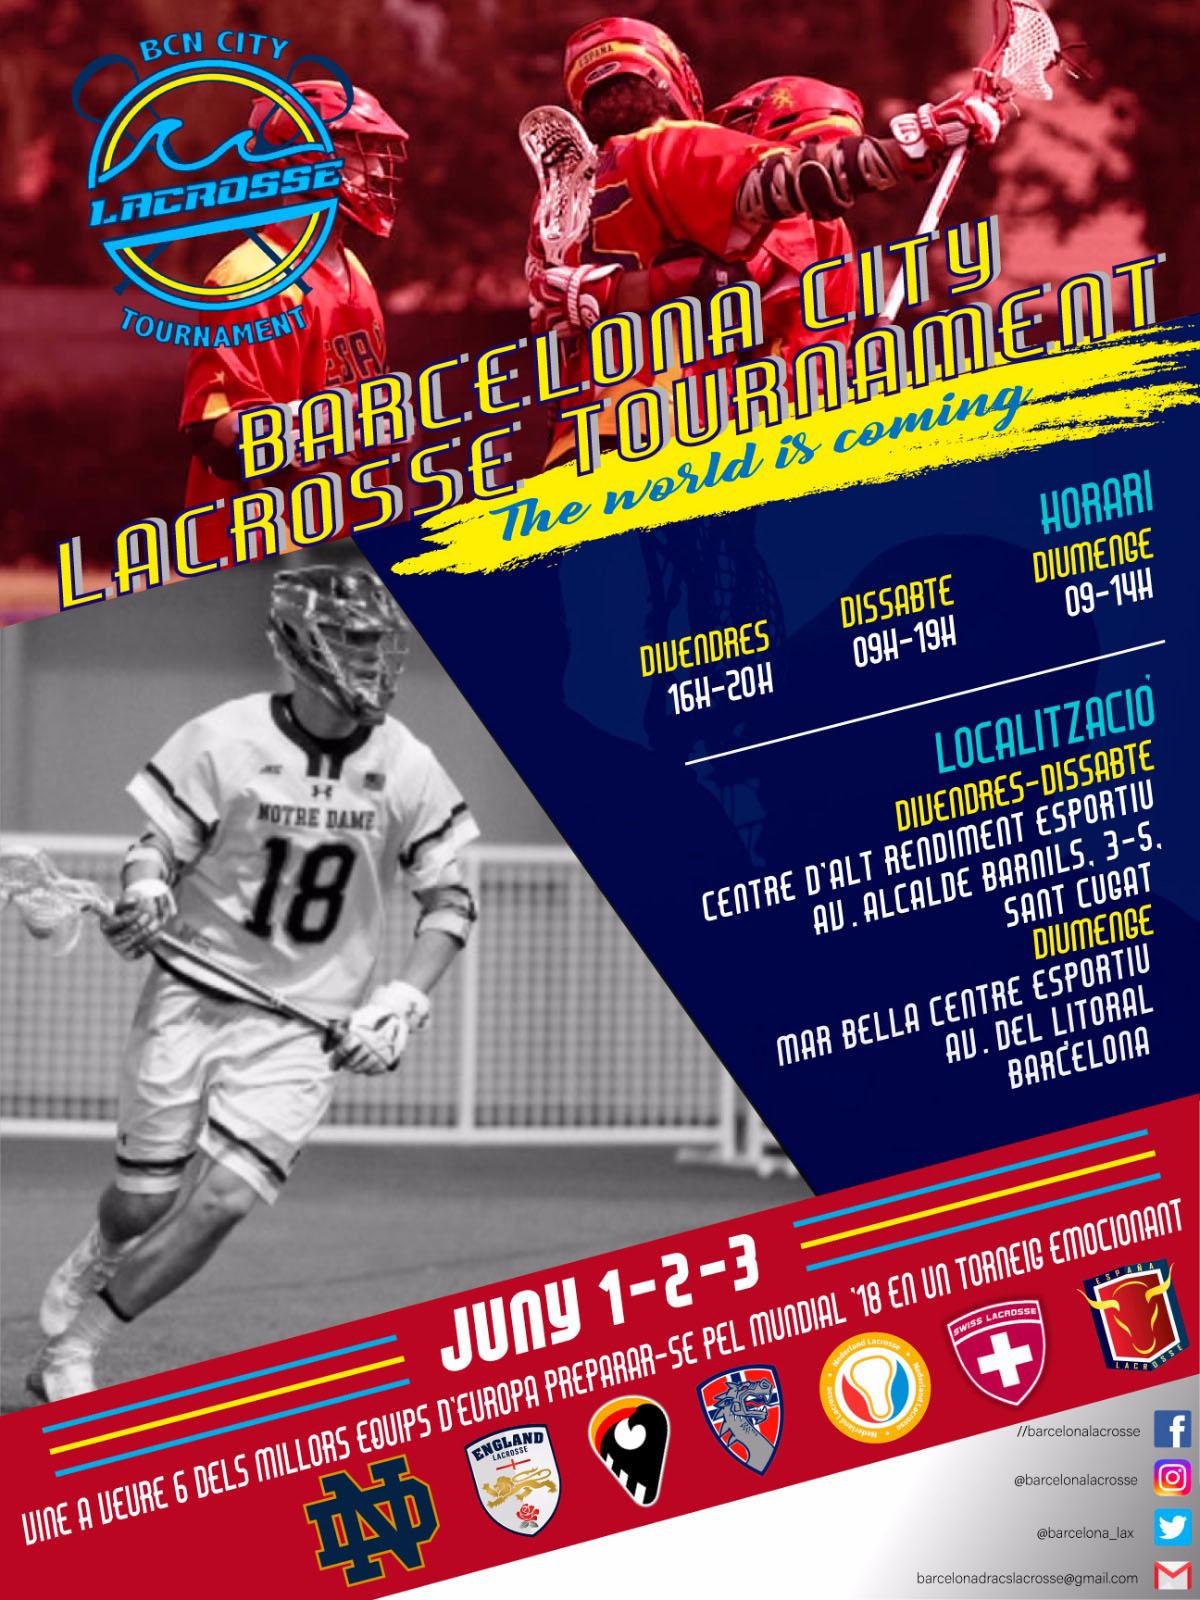 Bcn City Lacrosse Tournament 1-2-3 Juny 2018